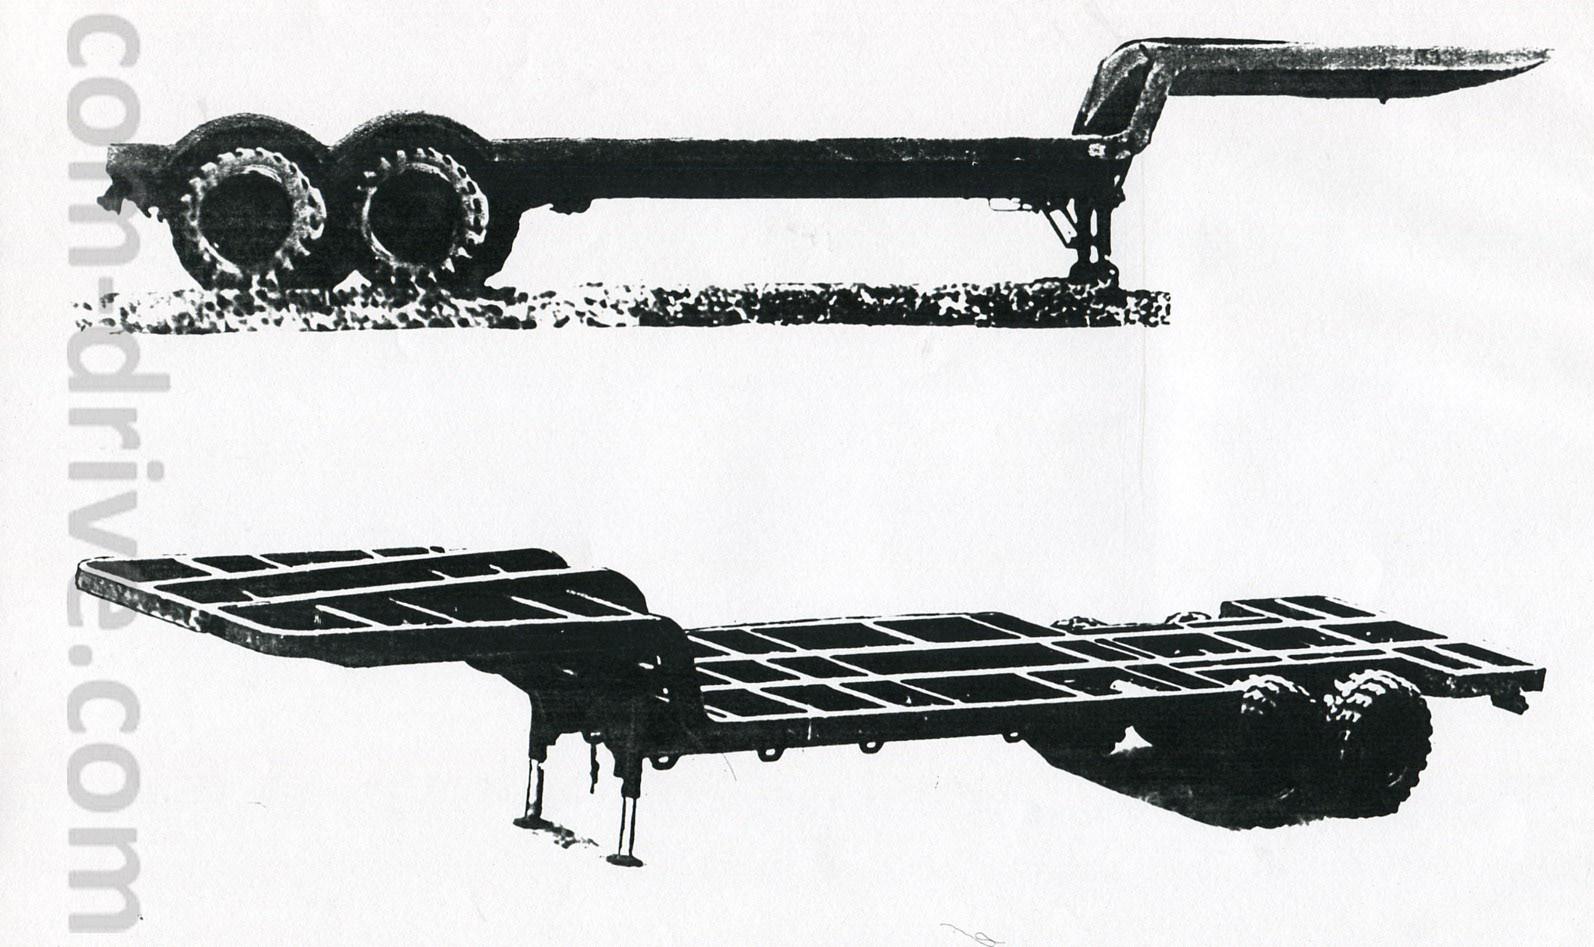 На верхнем фото представлен полуприцеп МАЗ 938, на нижнем - МАЗ 938Б. Характерным внешним отличием является отсутствие у последнего какого-либо настила на раме, а так же не прикрытые колесные арки